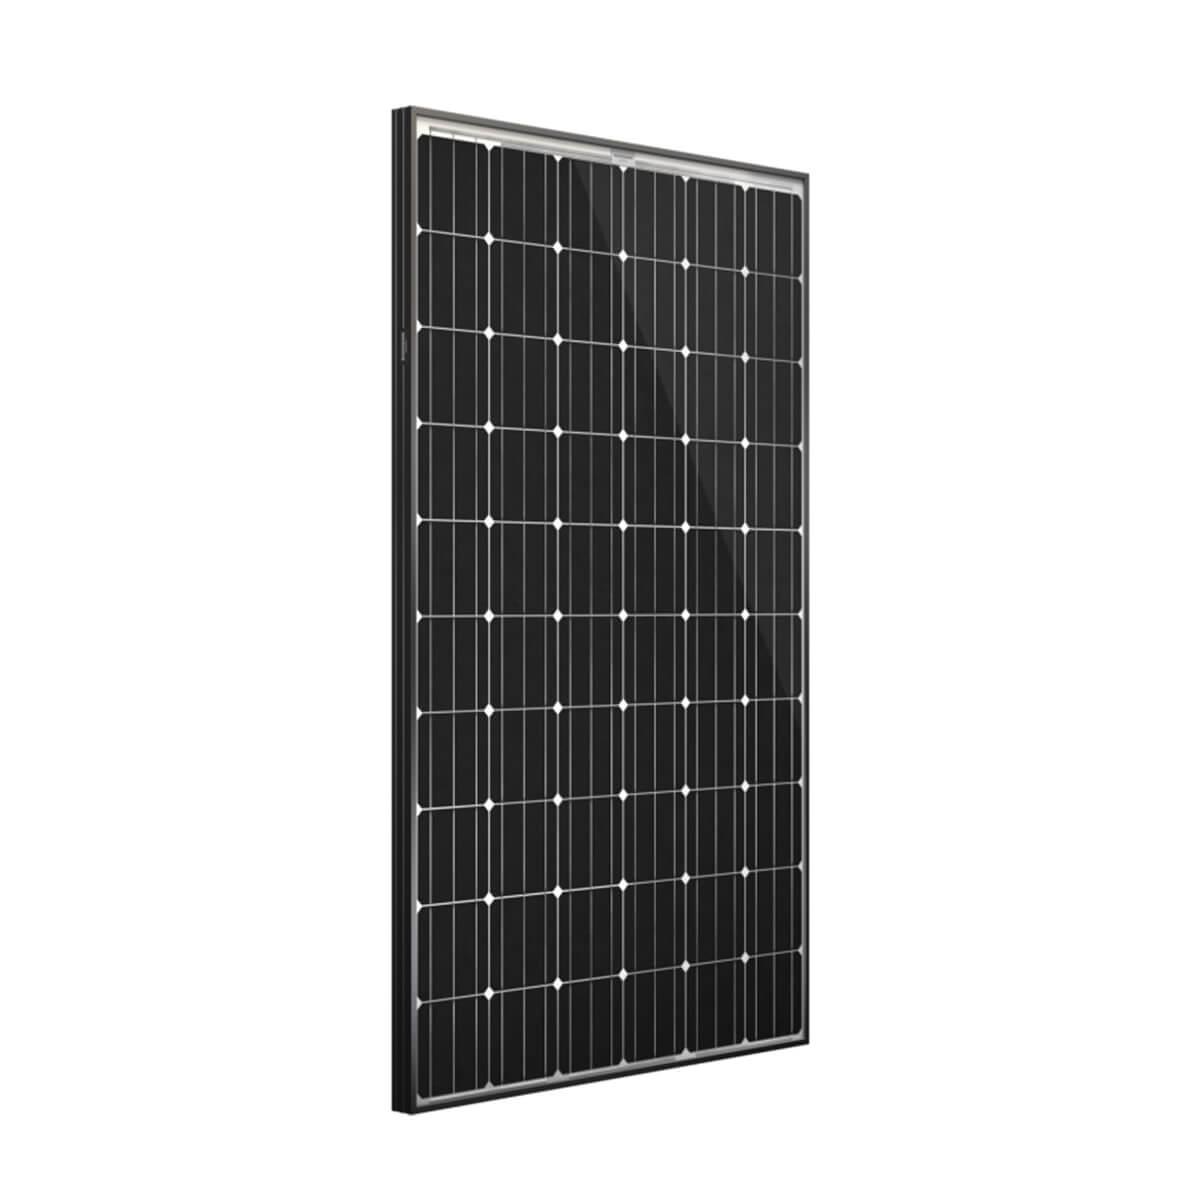 ankara solar 285W panel, ankara solar 285Watt panel, ankara solar 285 W panel, ankara solar 285 Watt panel, ankara solar 285 Watt monokristal panel, ankara solar 285 W watt gunes paneli, ankara solar 285 W watt monokristal gunes paneli, ankara solar 285 W Watt fotovoltaik monokristal solar panel, ankara solar 285W monokristal gunes enerjisi, ankara solar AS-M60-285W panel, ANKARA SOLAR 285 WATT